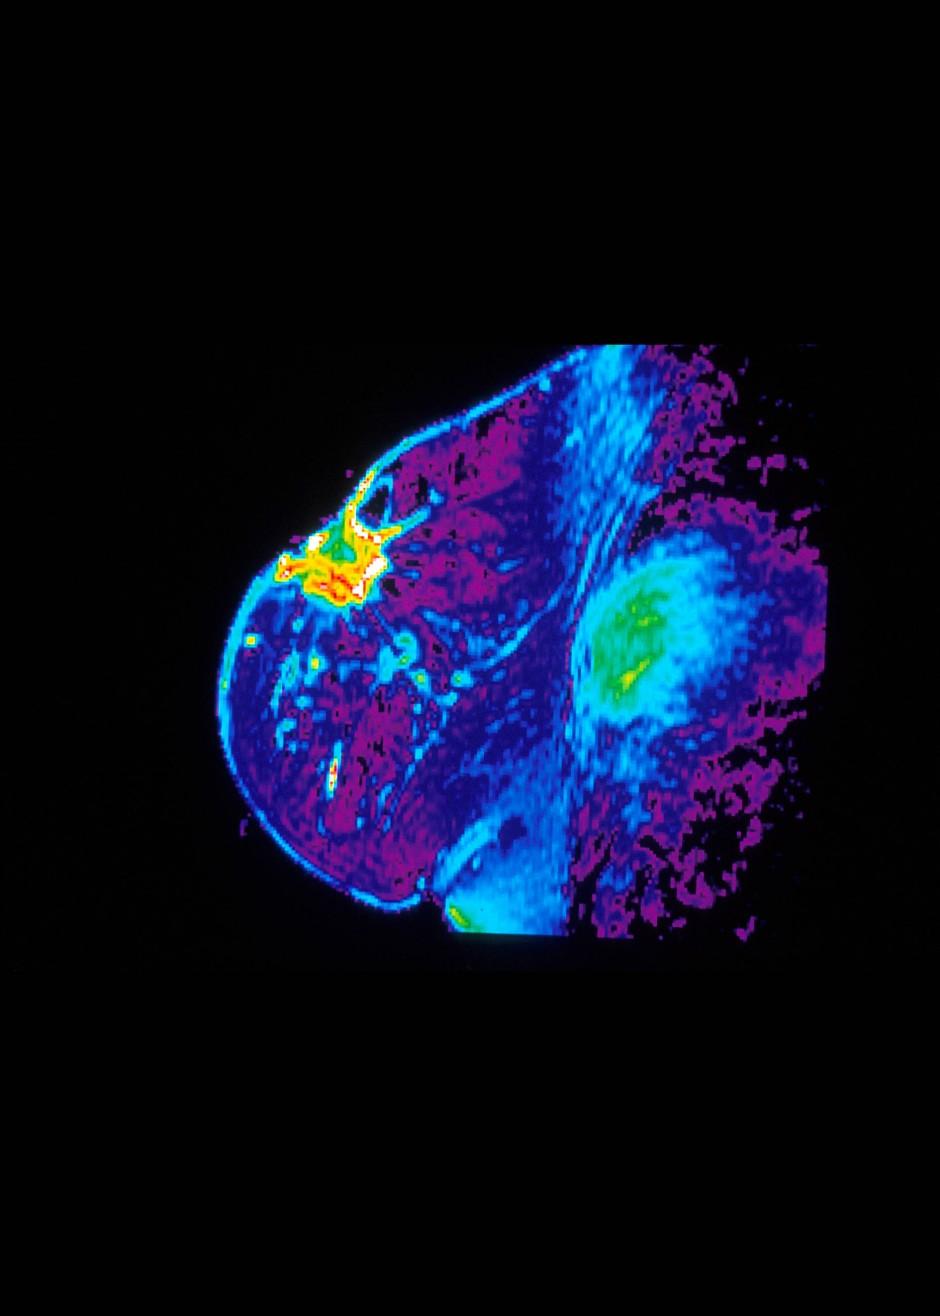 Kernspin-Aufnahme eines Brusttumors. Künstliche Intelligenz kann Details unter Umständen viel besser erkennen.